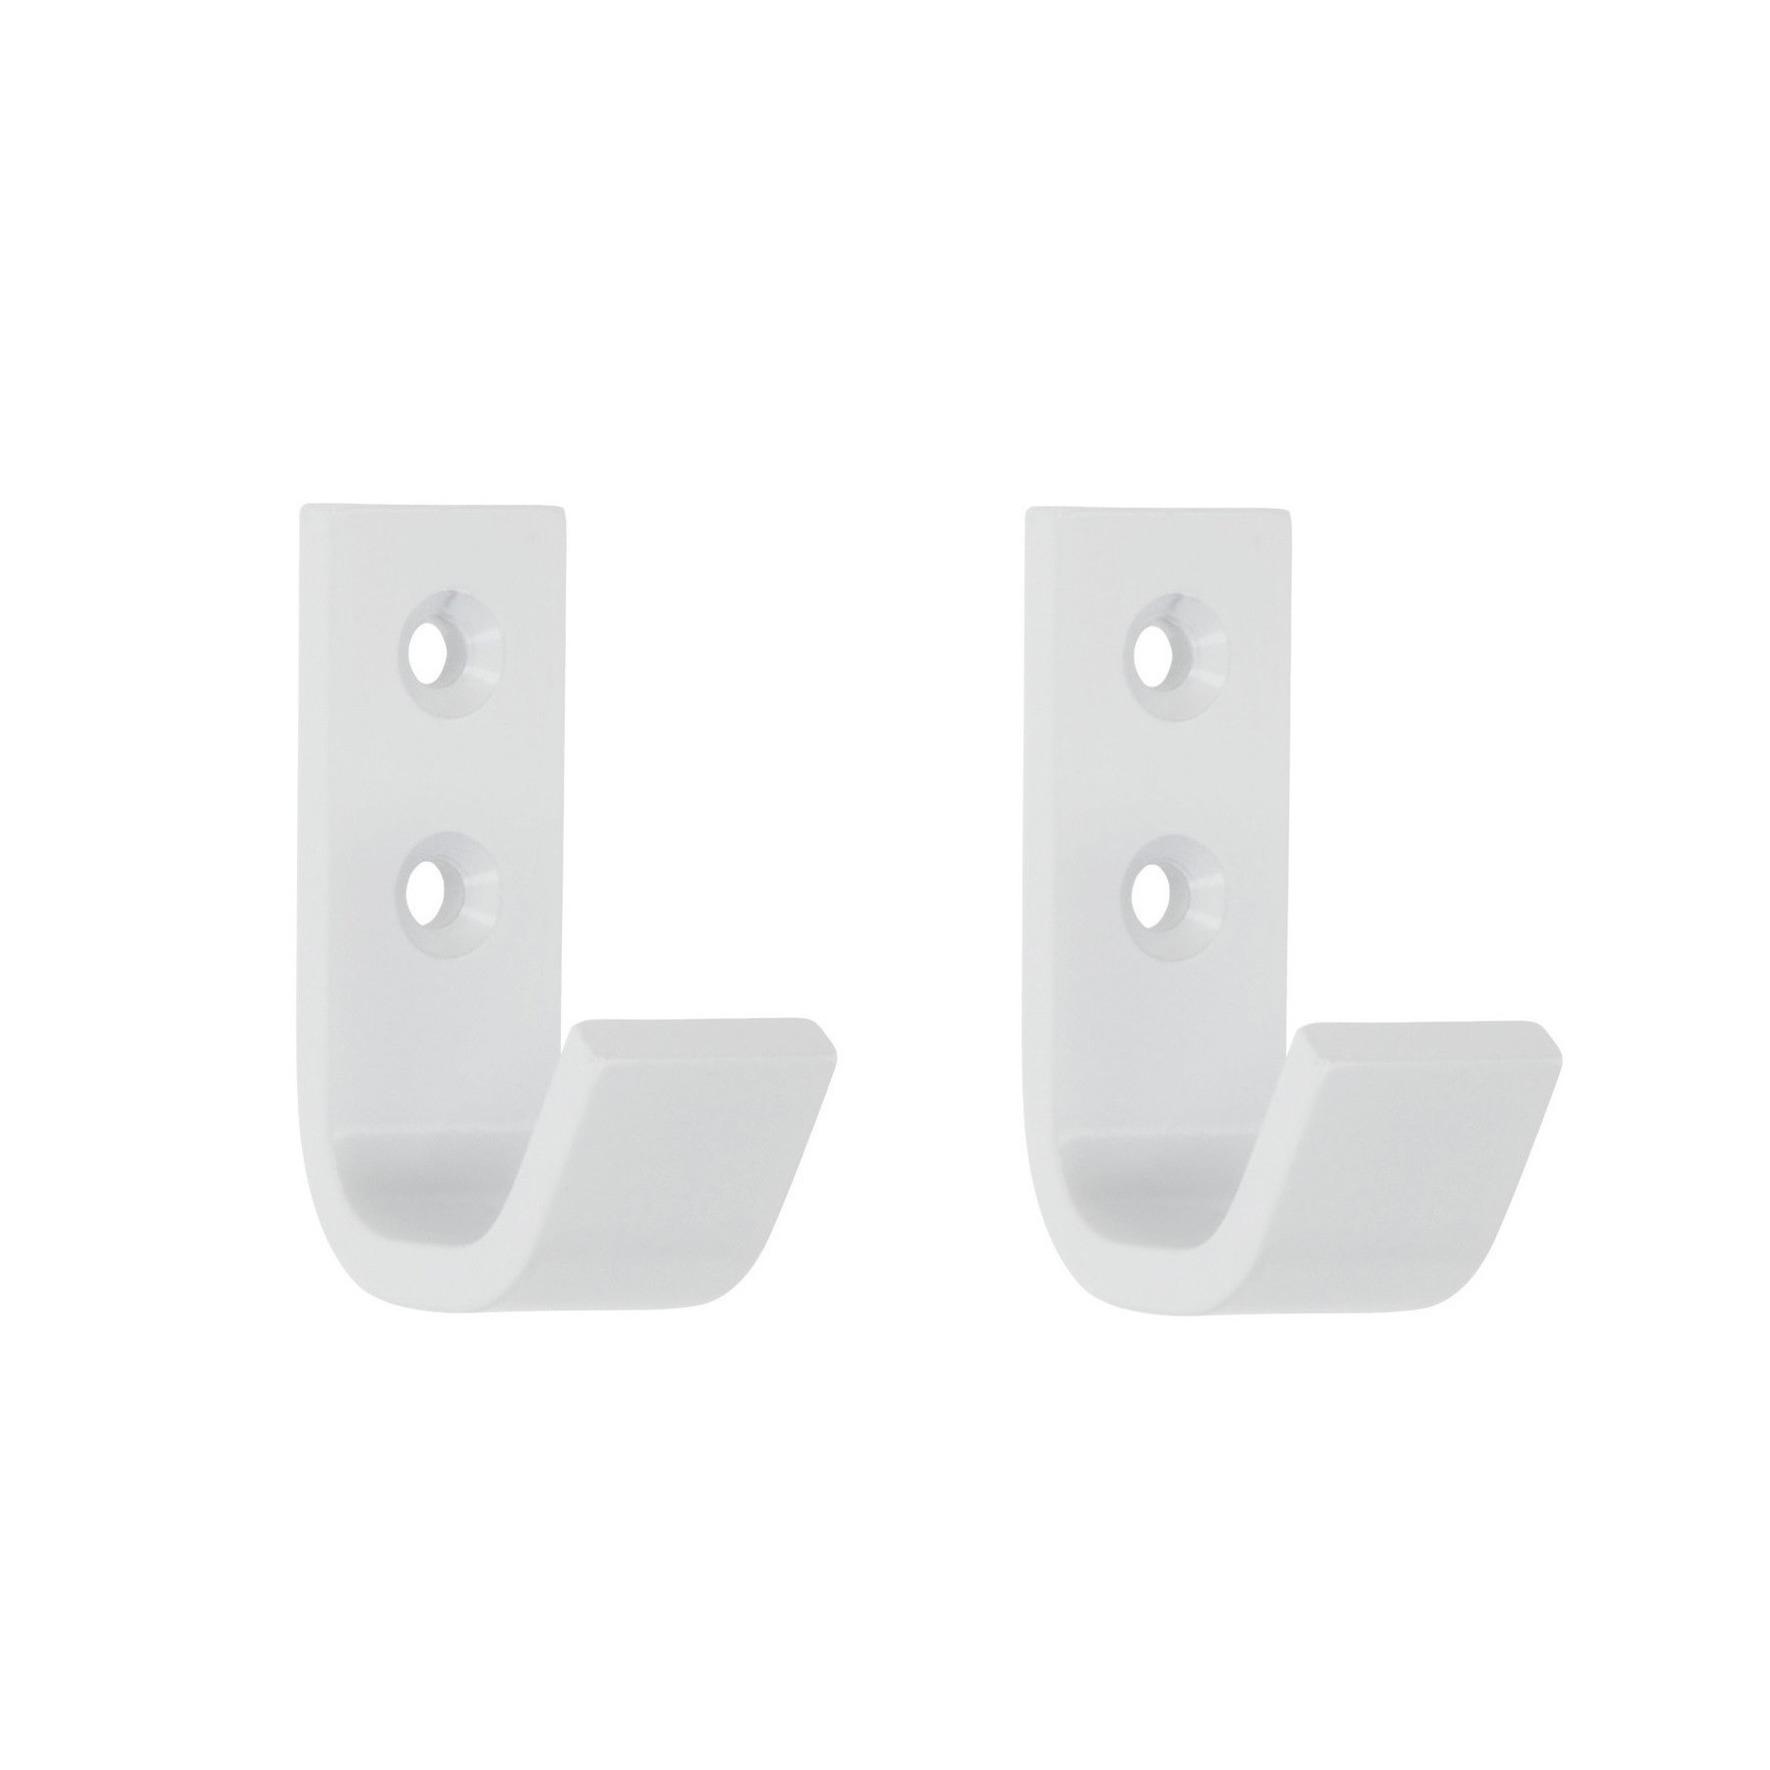 5x Luxe witte garderobe haakjes-jashaken-kapstokhaakjes hoogwaardig aluminium 5,4 x 3,7 cm